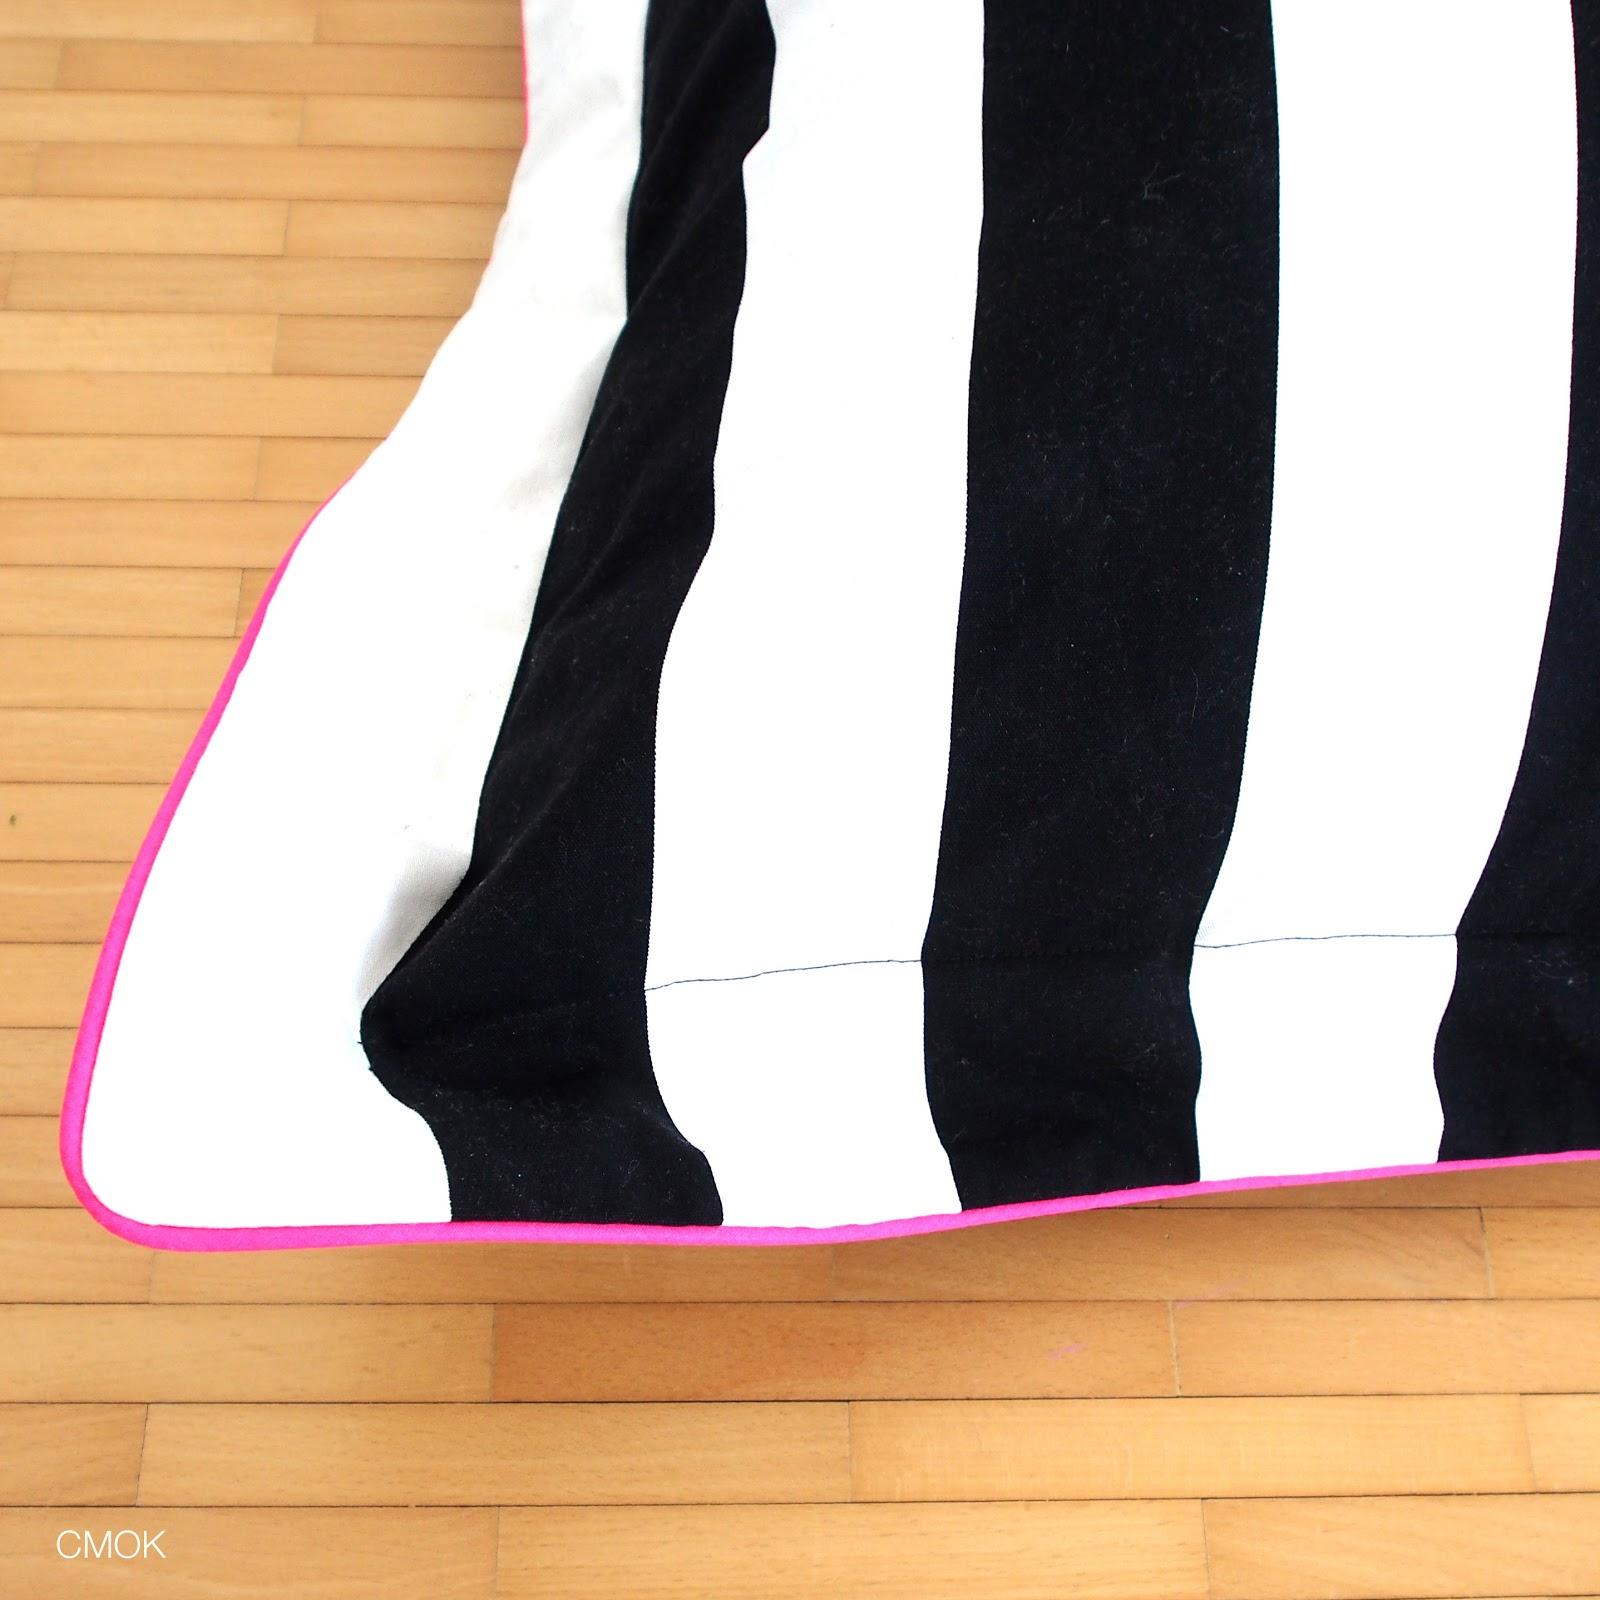 cmok kein fliegengewicht unser fat boy. Black Bedroom Furniture Sets. Home Design Ideas